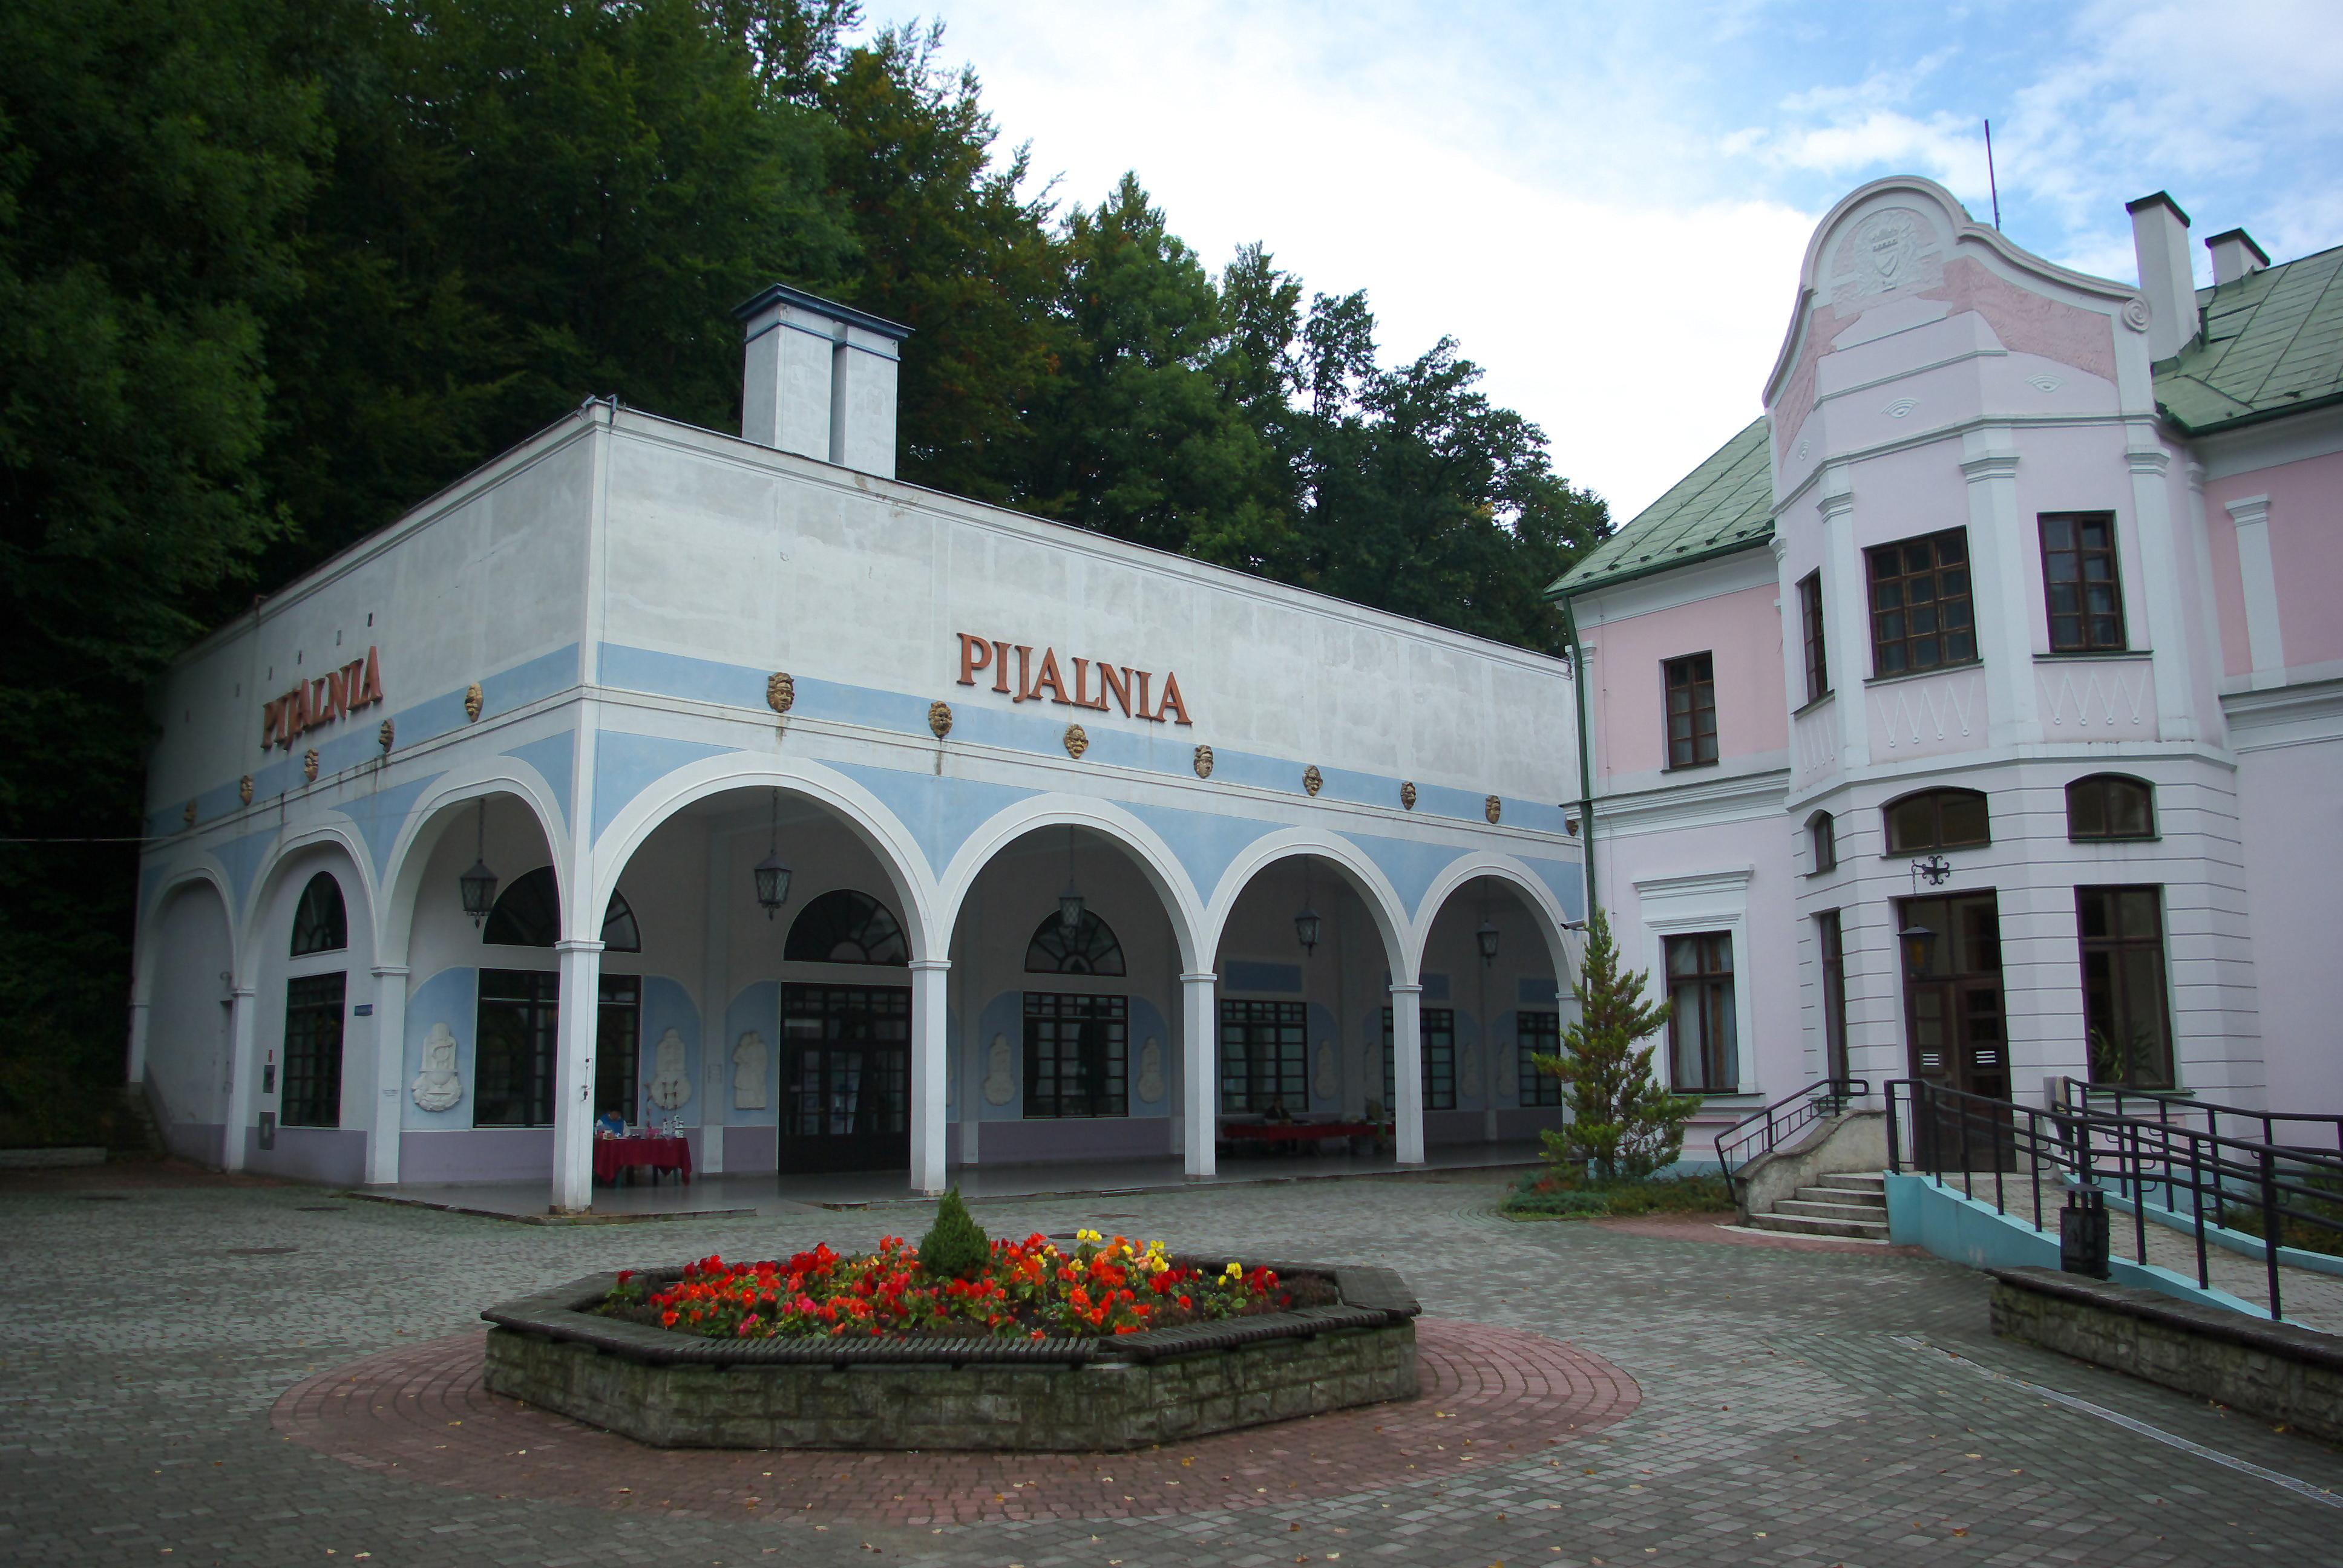 Filepijalnia Wód Mineralnych And Stare łazienki In Iwonicz